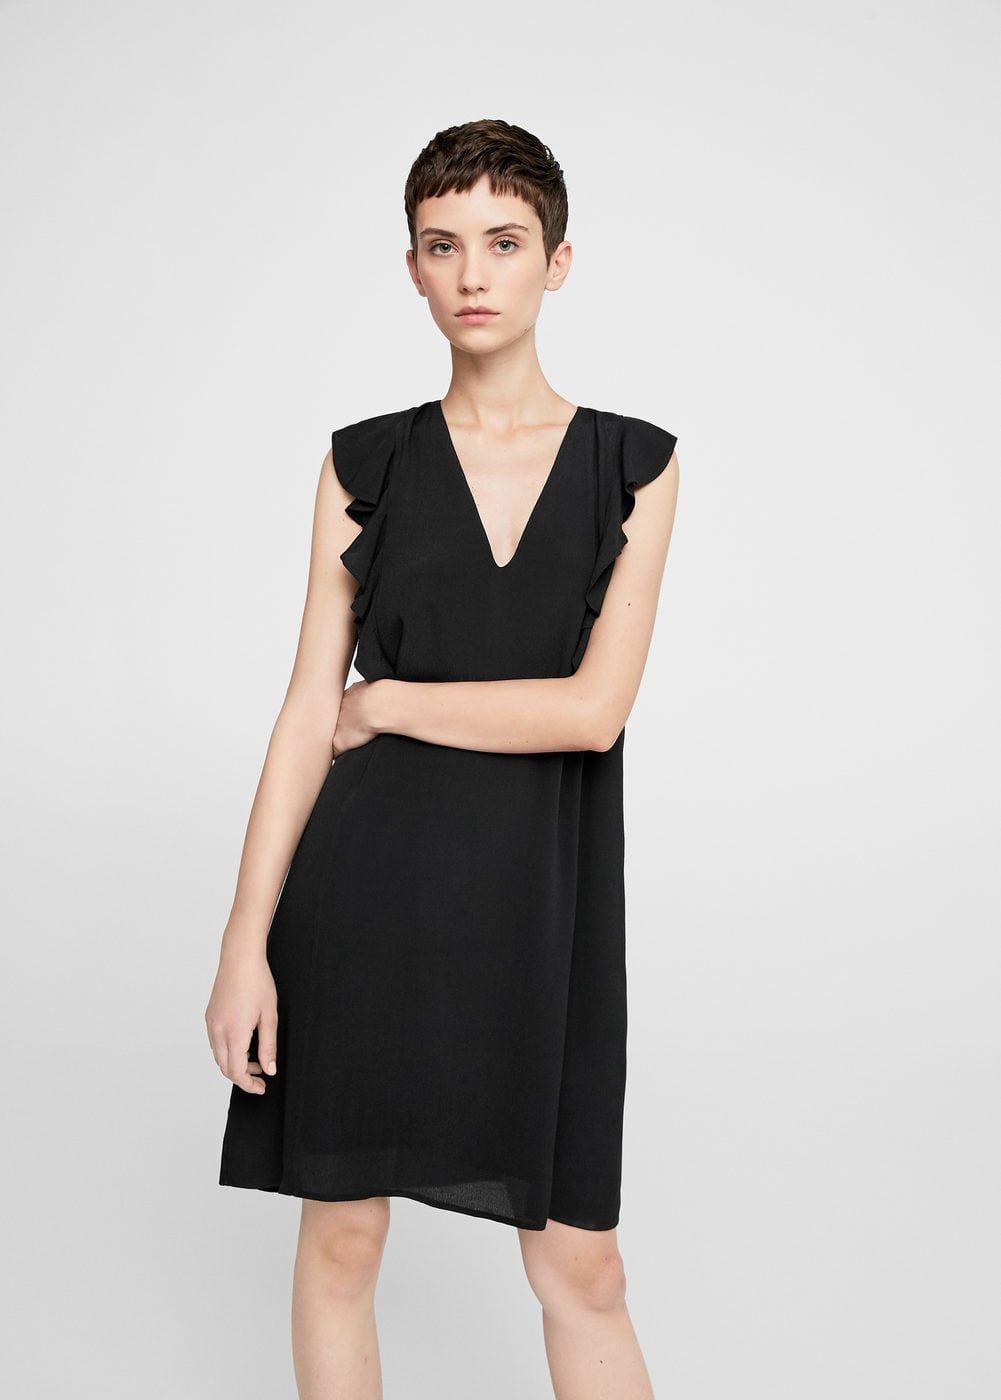 Dökümlü fırfırlı elbise - Elbise - Kadın   mango   Pinterest   Mango 67eb6044f690